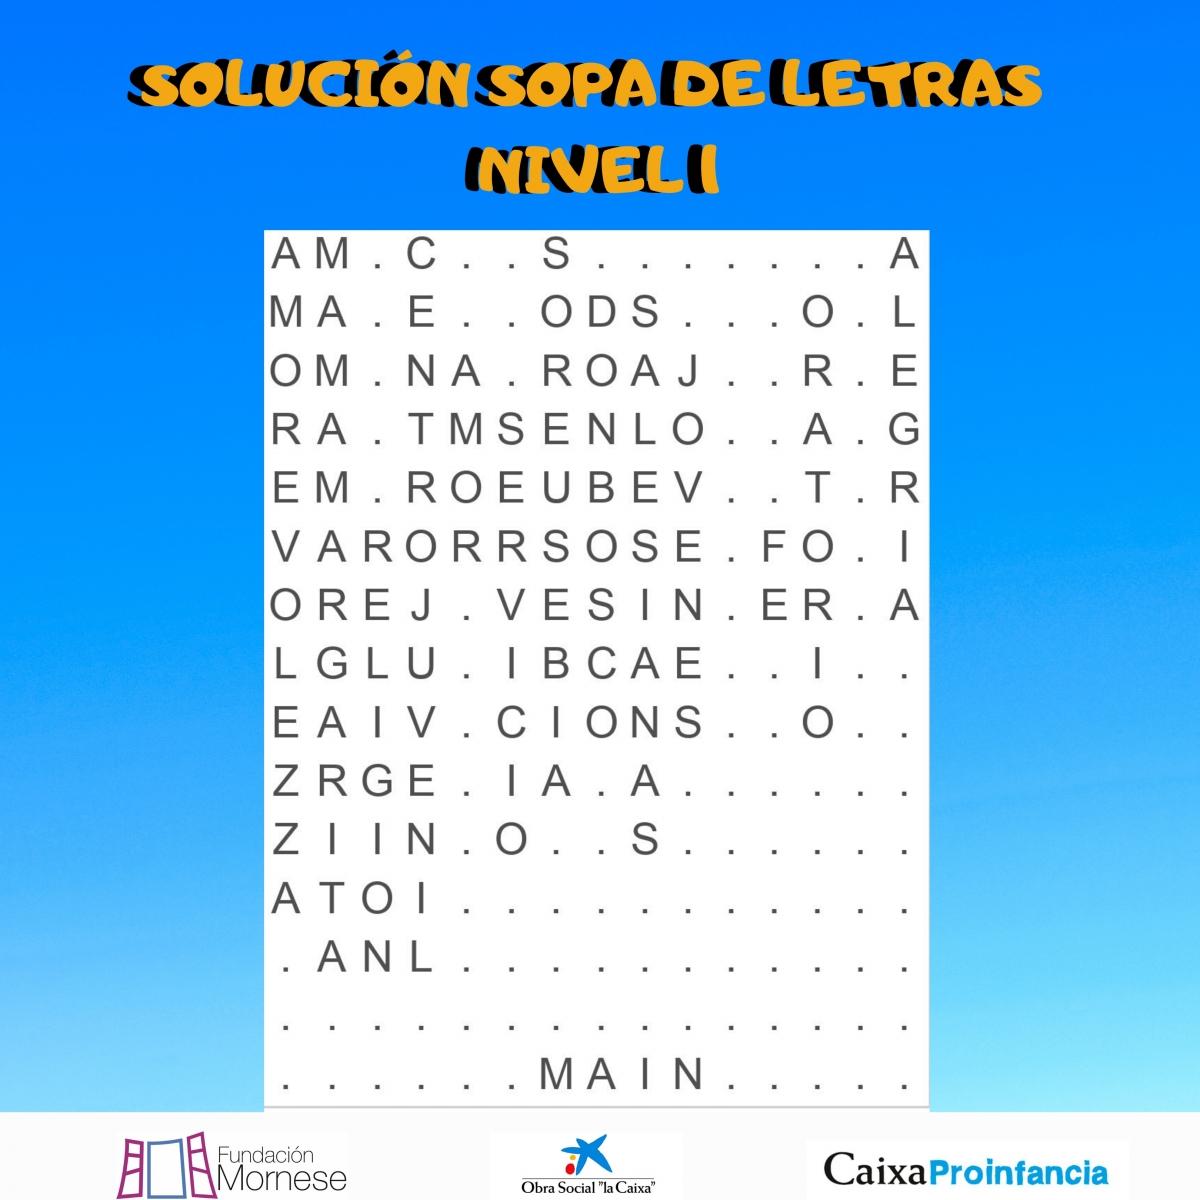 SOLUCIÓN SOPA DE LETRAS 1